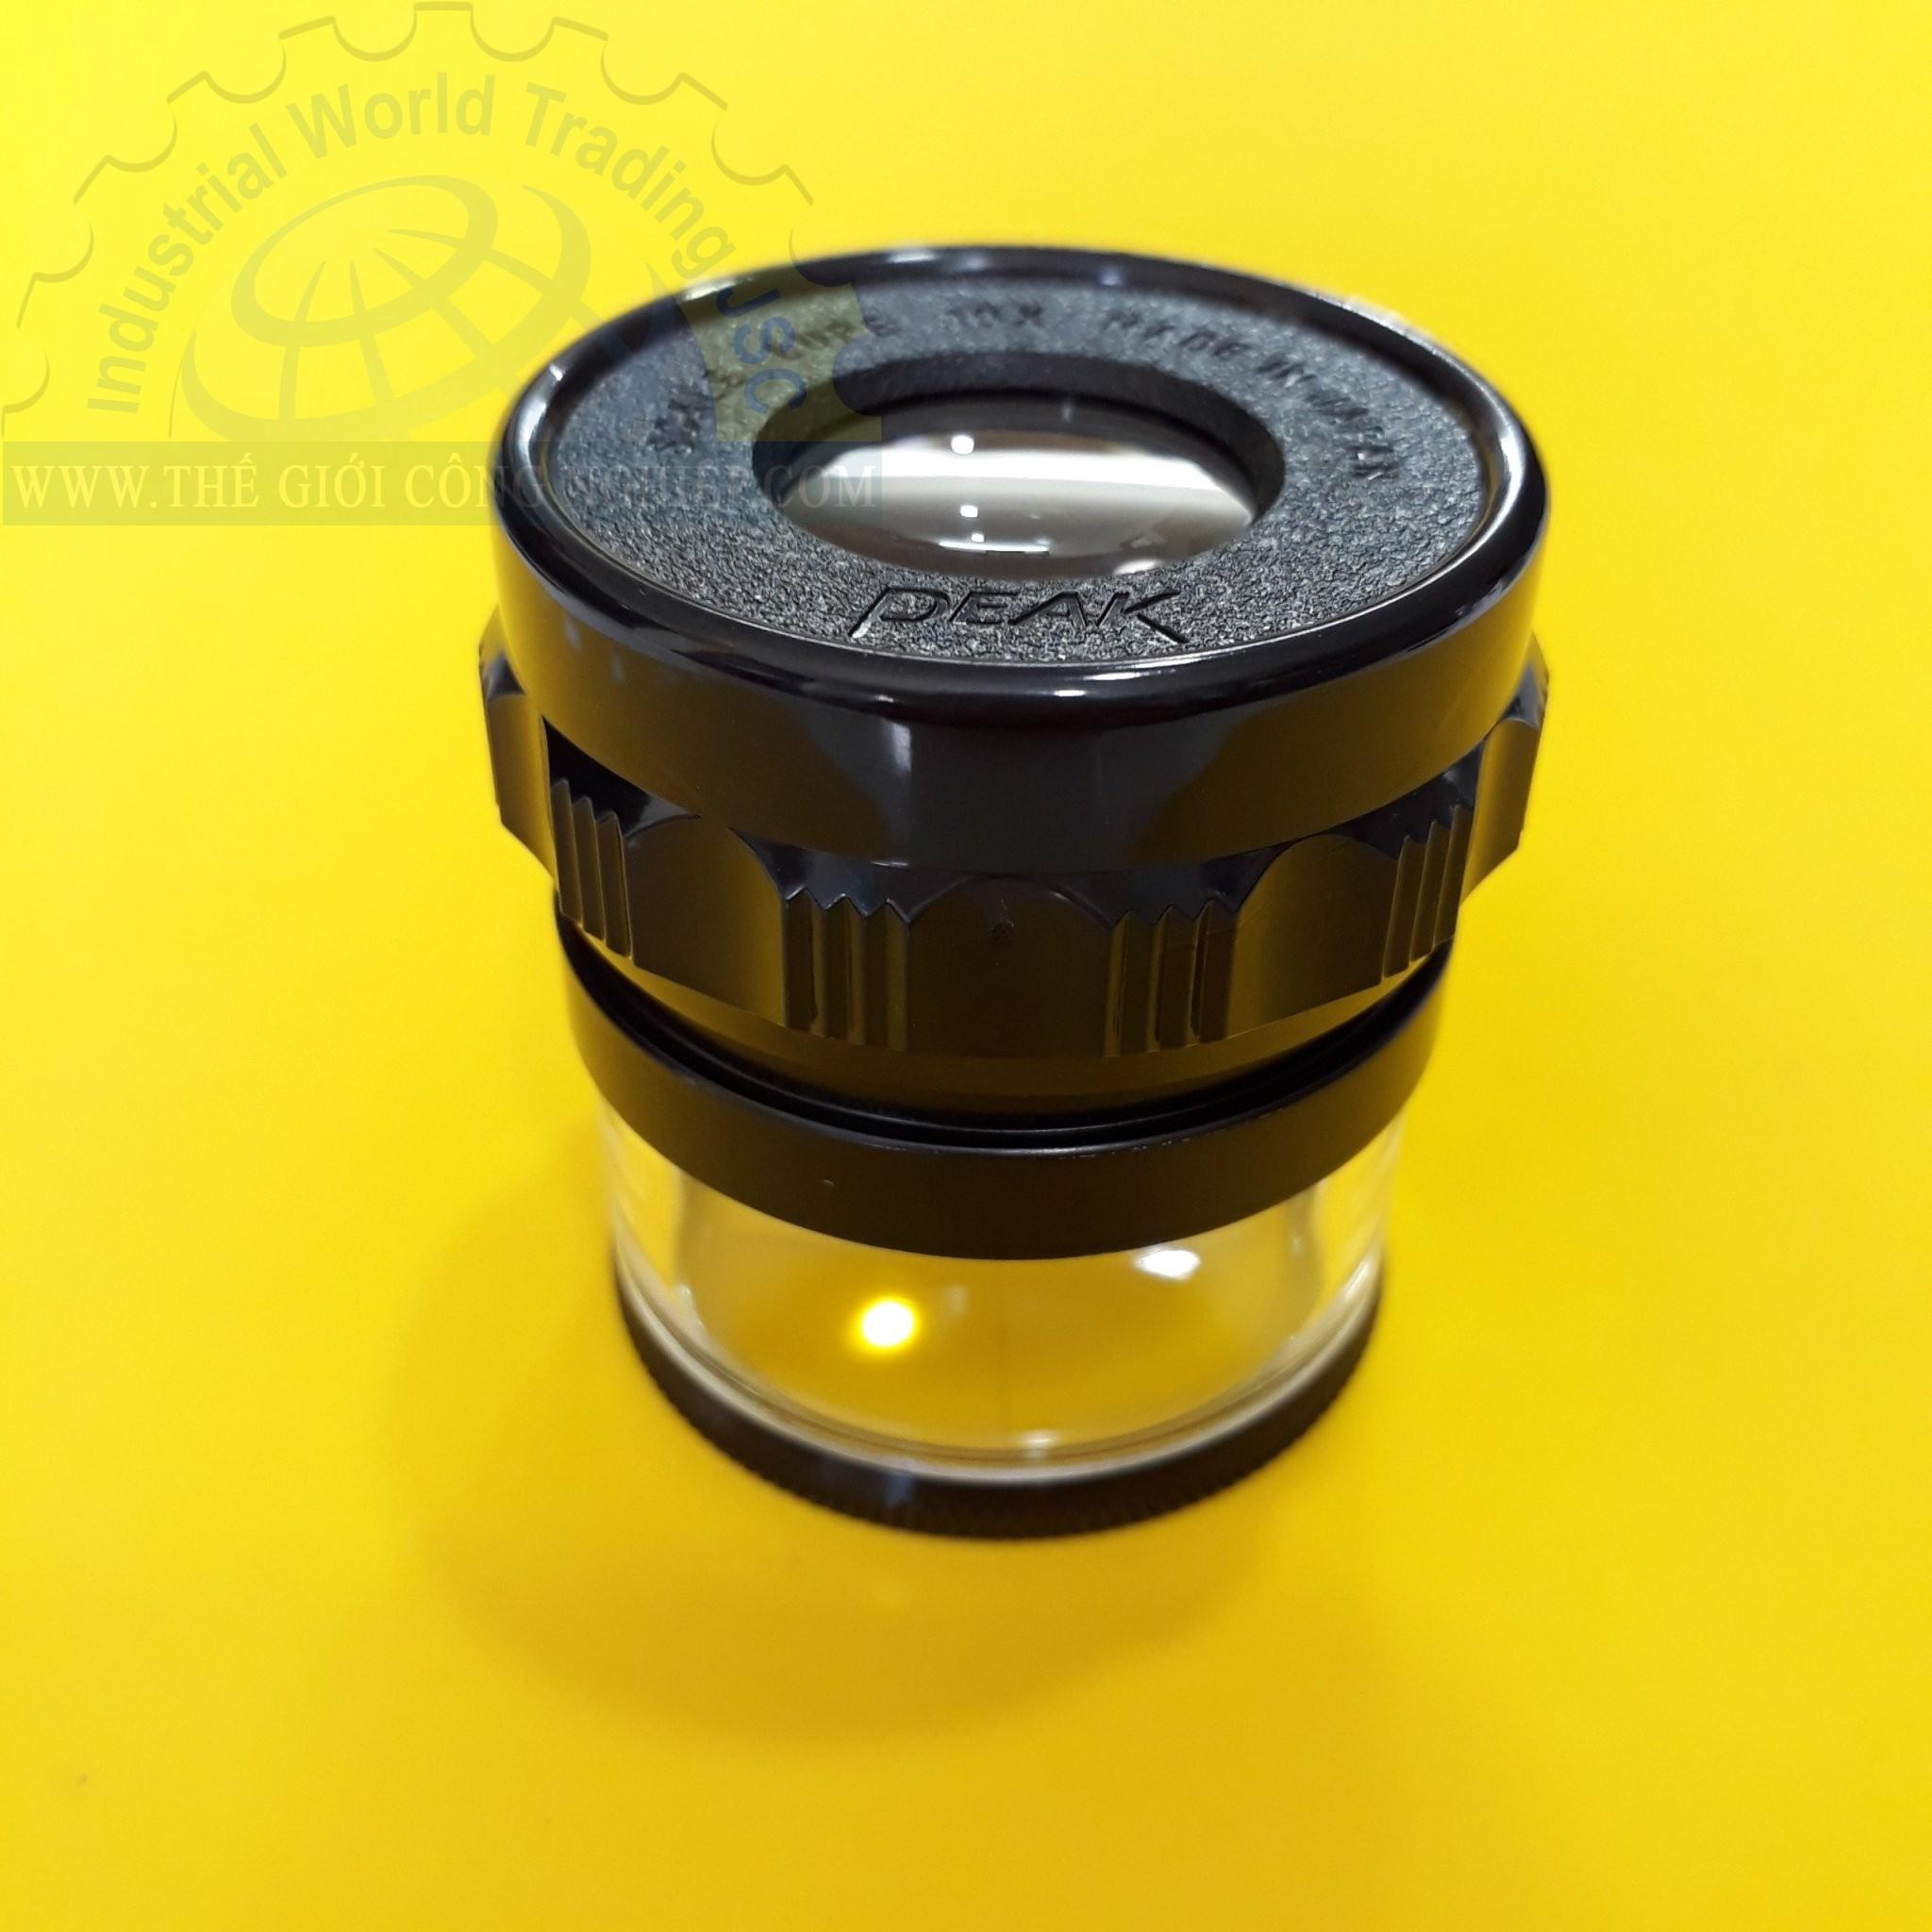 Kính lúp cầm tay có thước đo tiêu chuẩn, độ phóng đại 10x scale Loupe NoS 1983-10X 1983 1983 10X PEAK